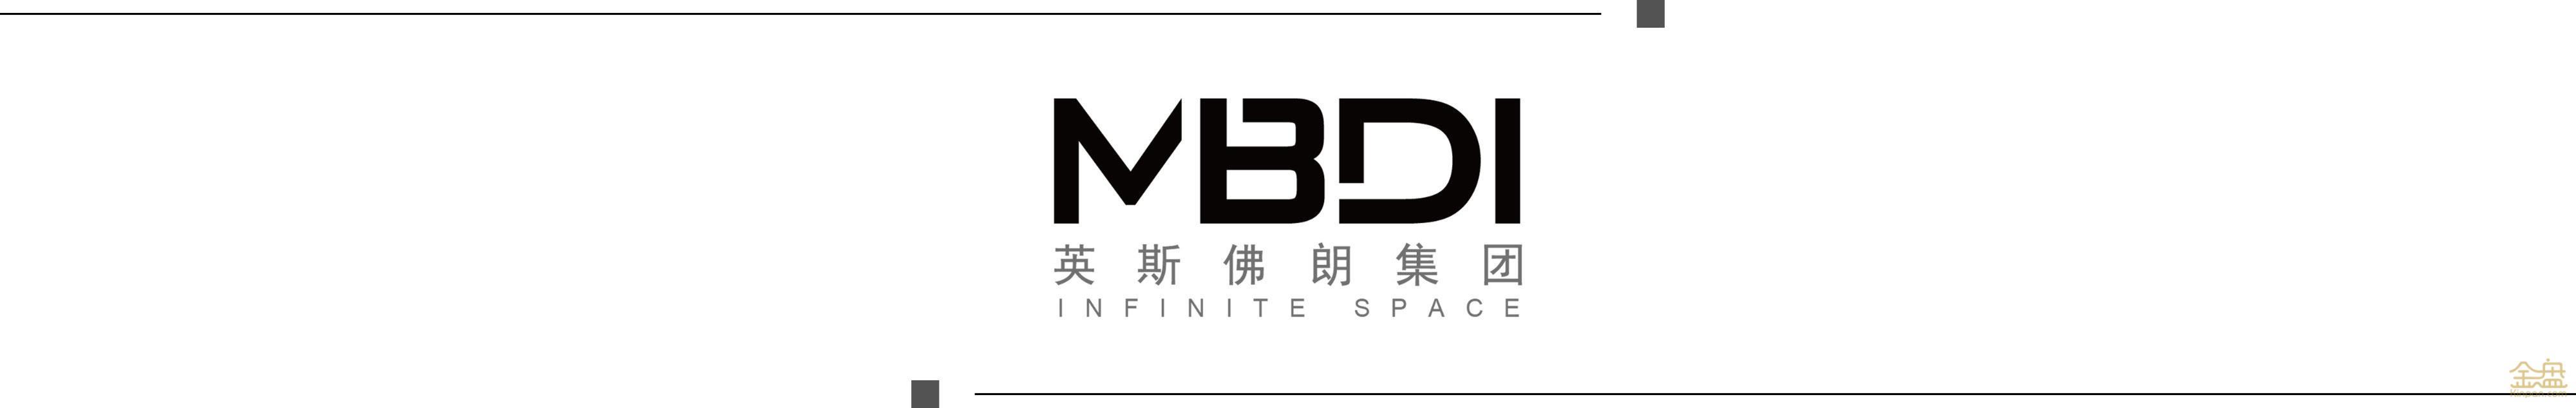 公众号logo标题.jpg